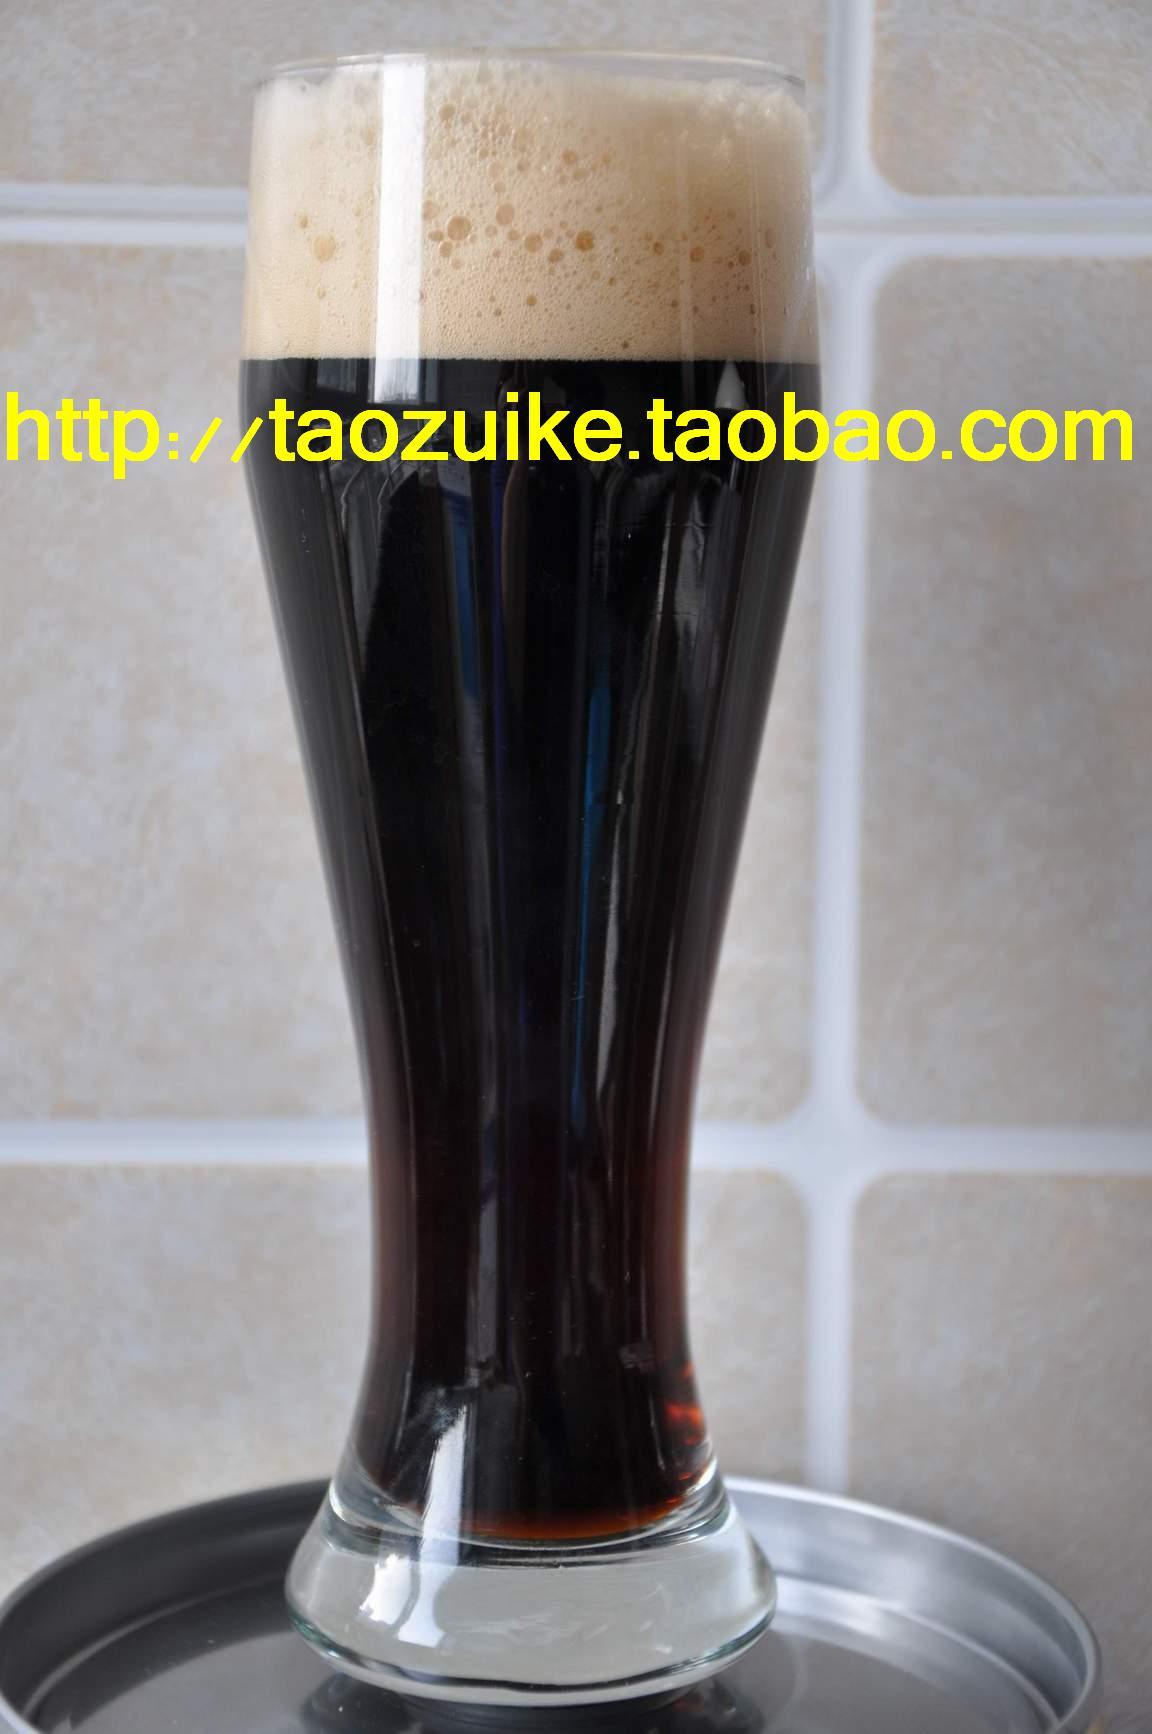 http://img01.taobaocdn.com/imgextra/i1/15907111/T2E.mTXqBXXXXXXXXX_!!15907111.jpg